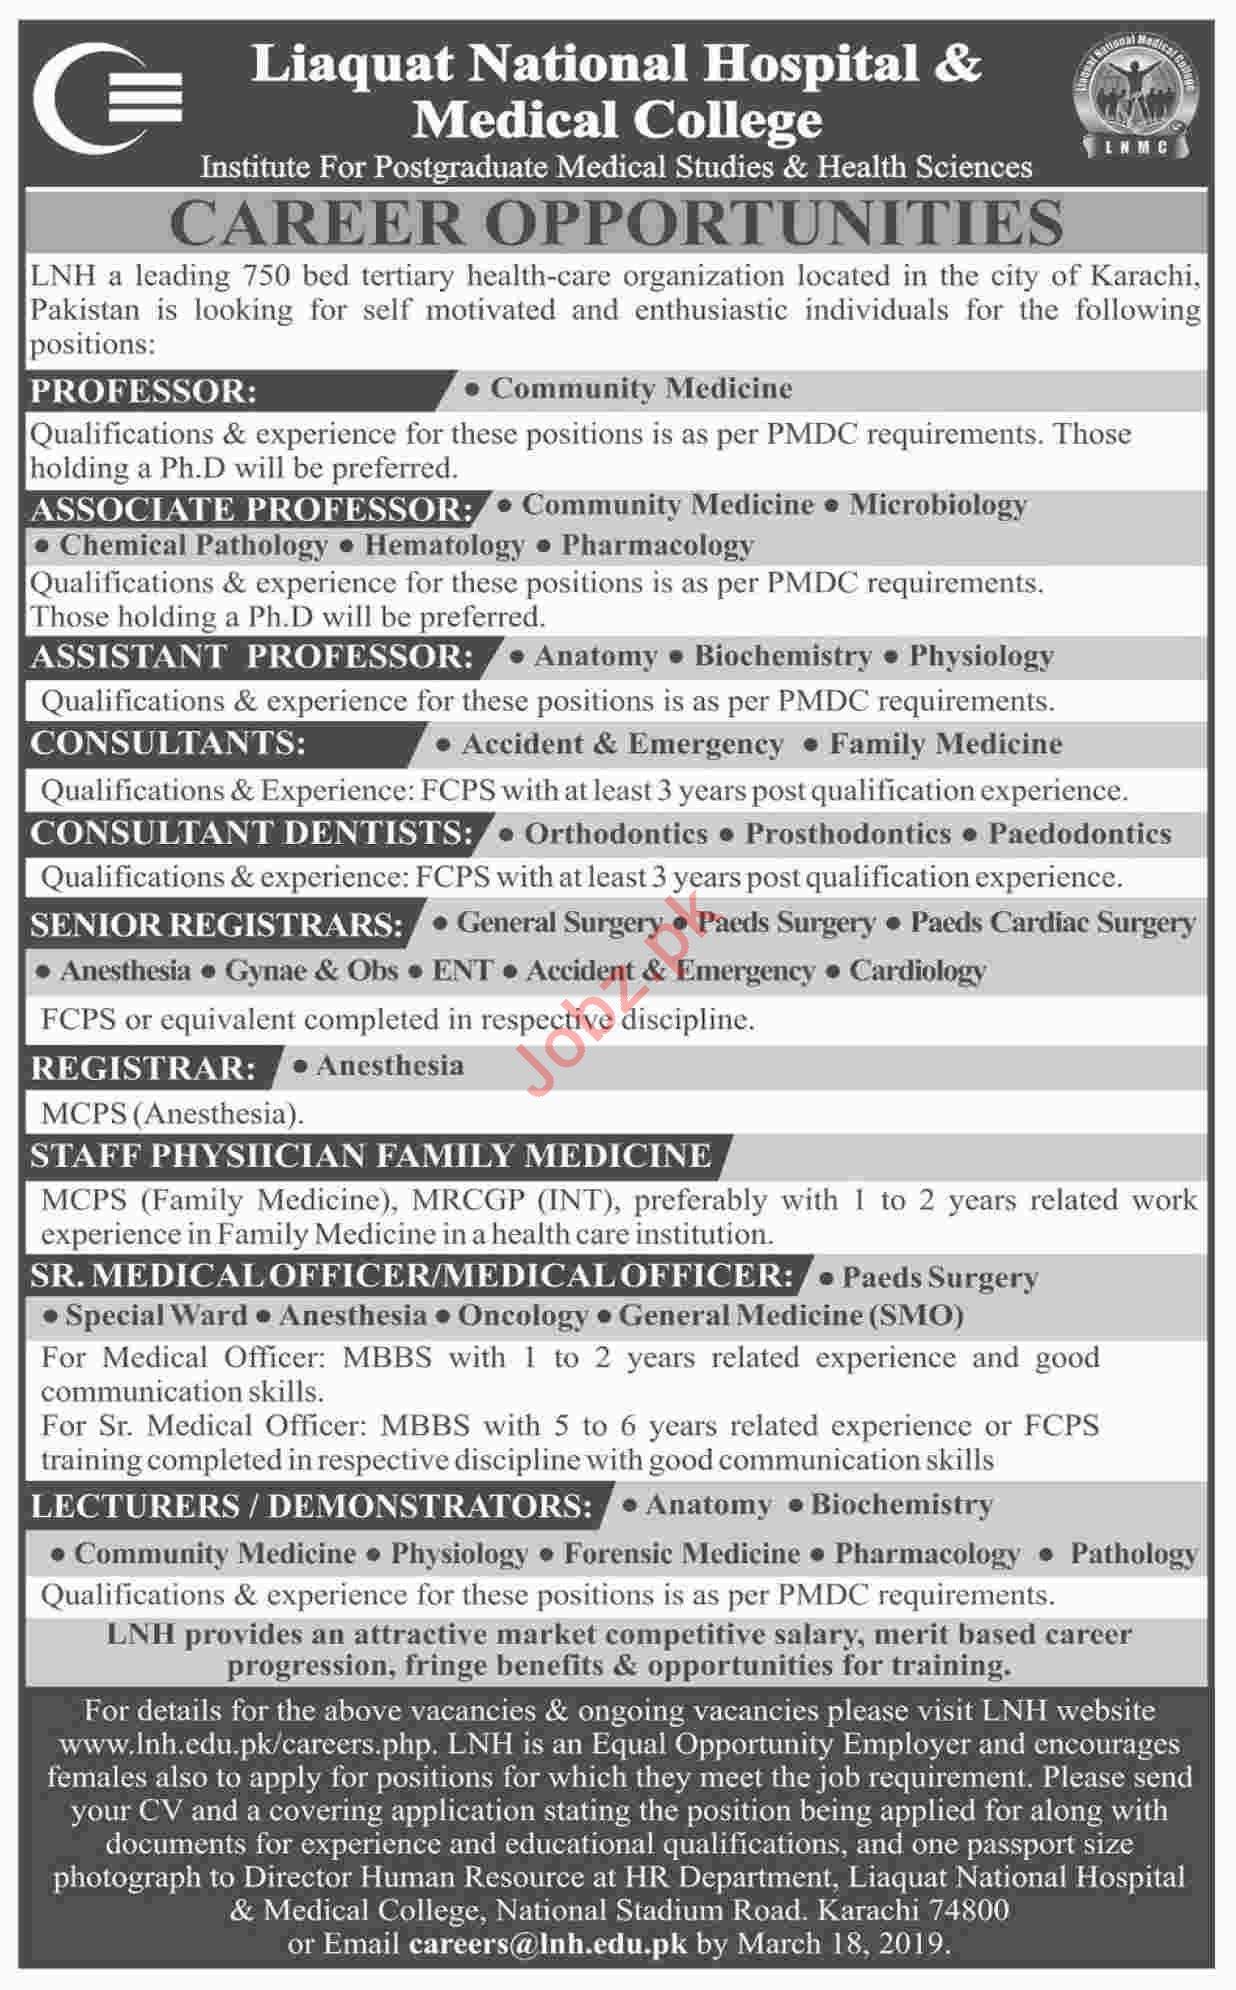 Liaquat National Hospital & Medical College Professor Jobs